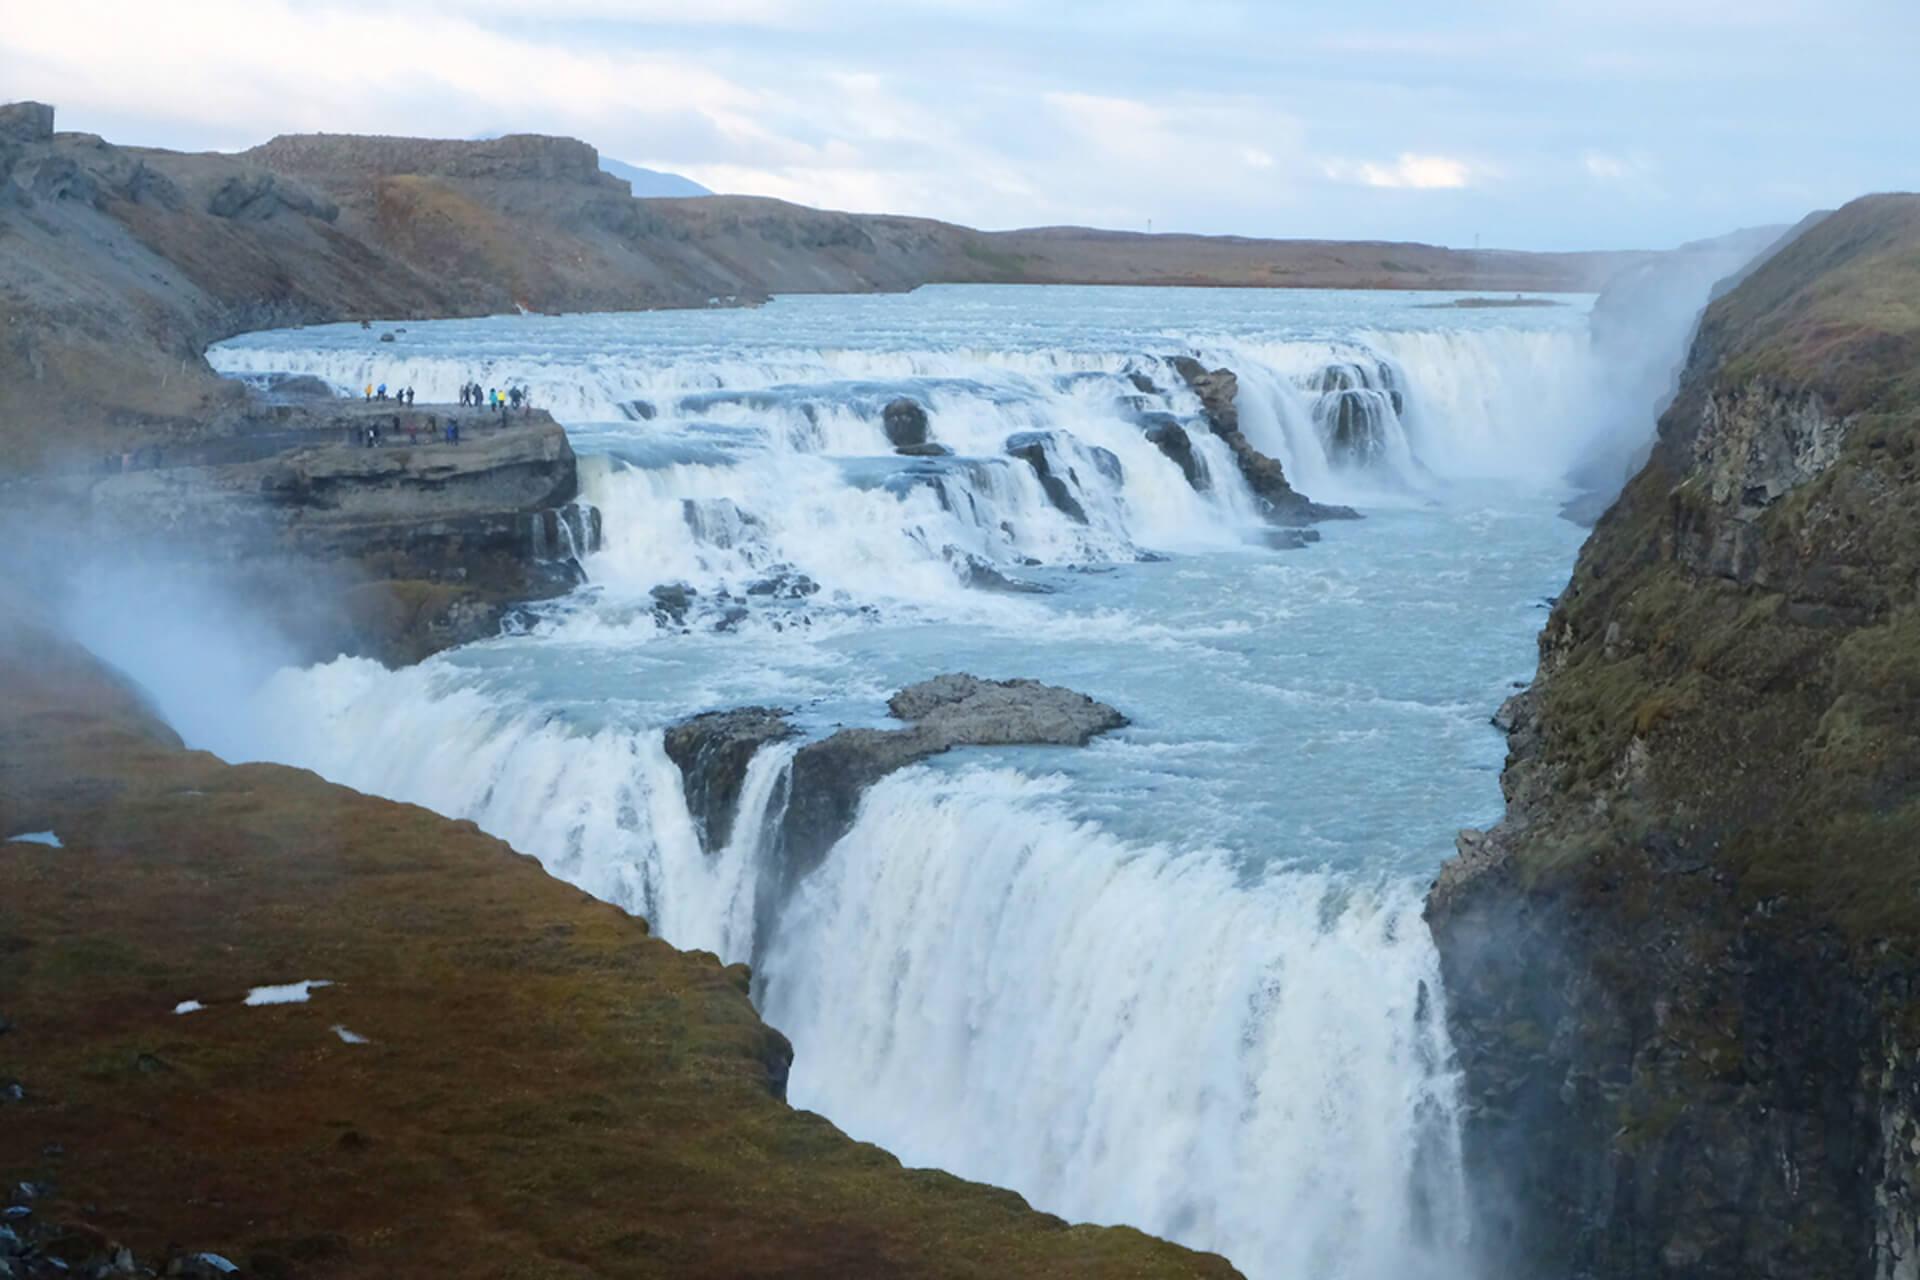 シガー・ロスやビョークの音楽が生まれた地へ。モデル・武智志穂のアイスランド旅行記 art191202_takechishiho_4